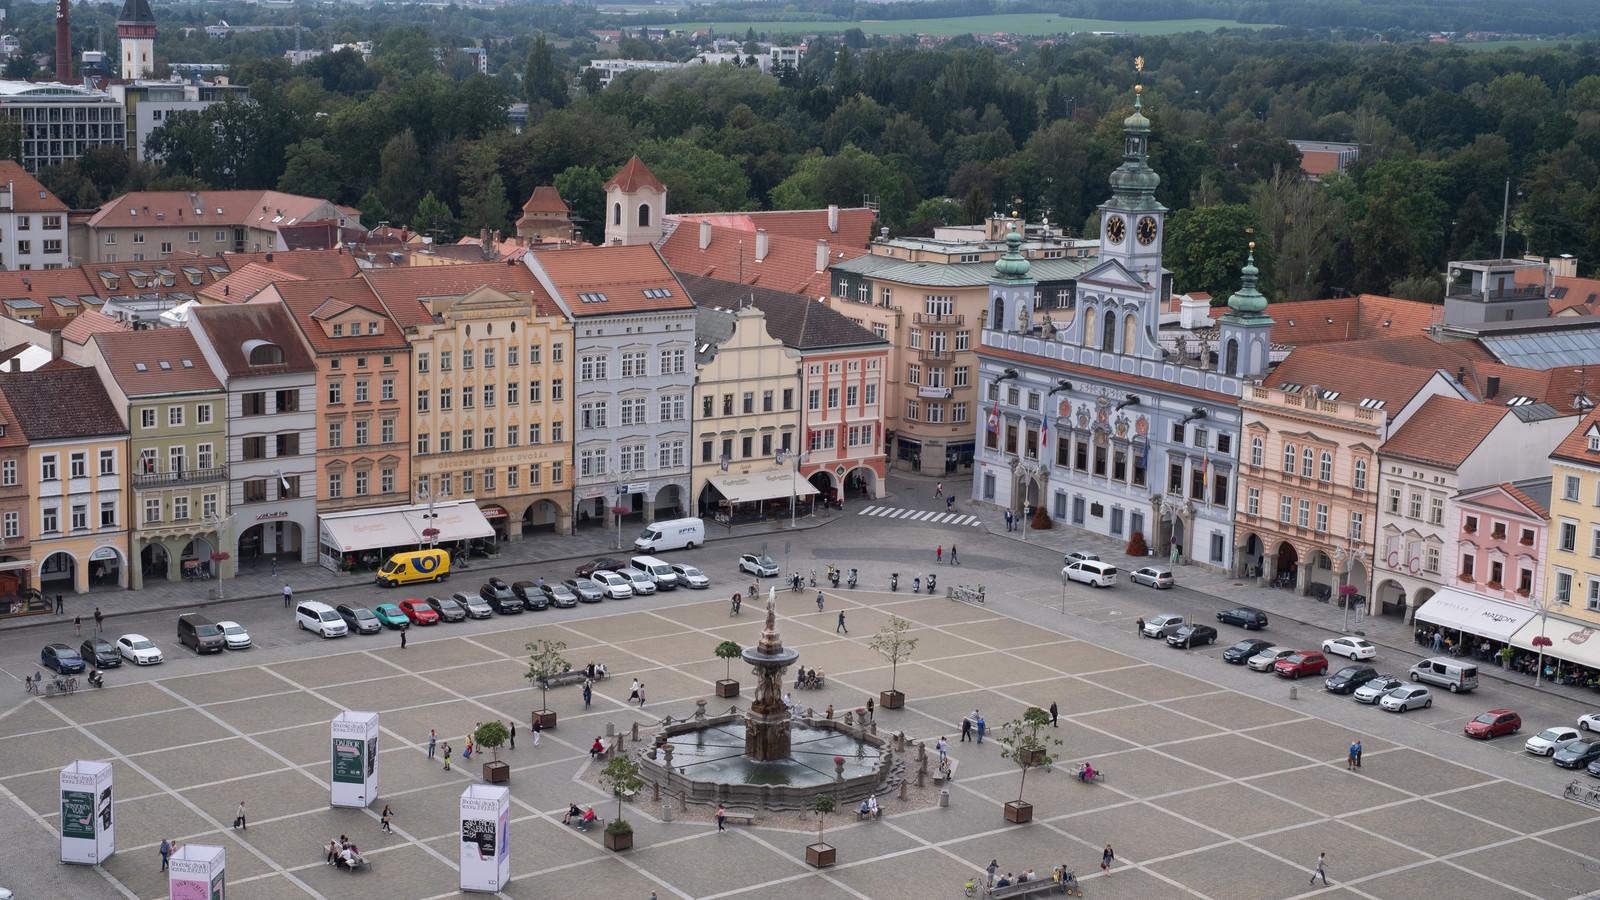 「チェスケー・ブジェヴィツェの広場(ブドヴァル)」の写真